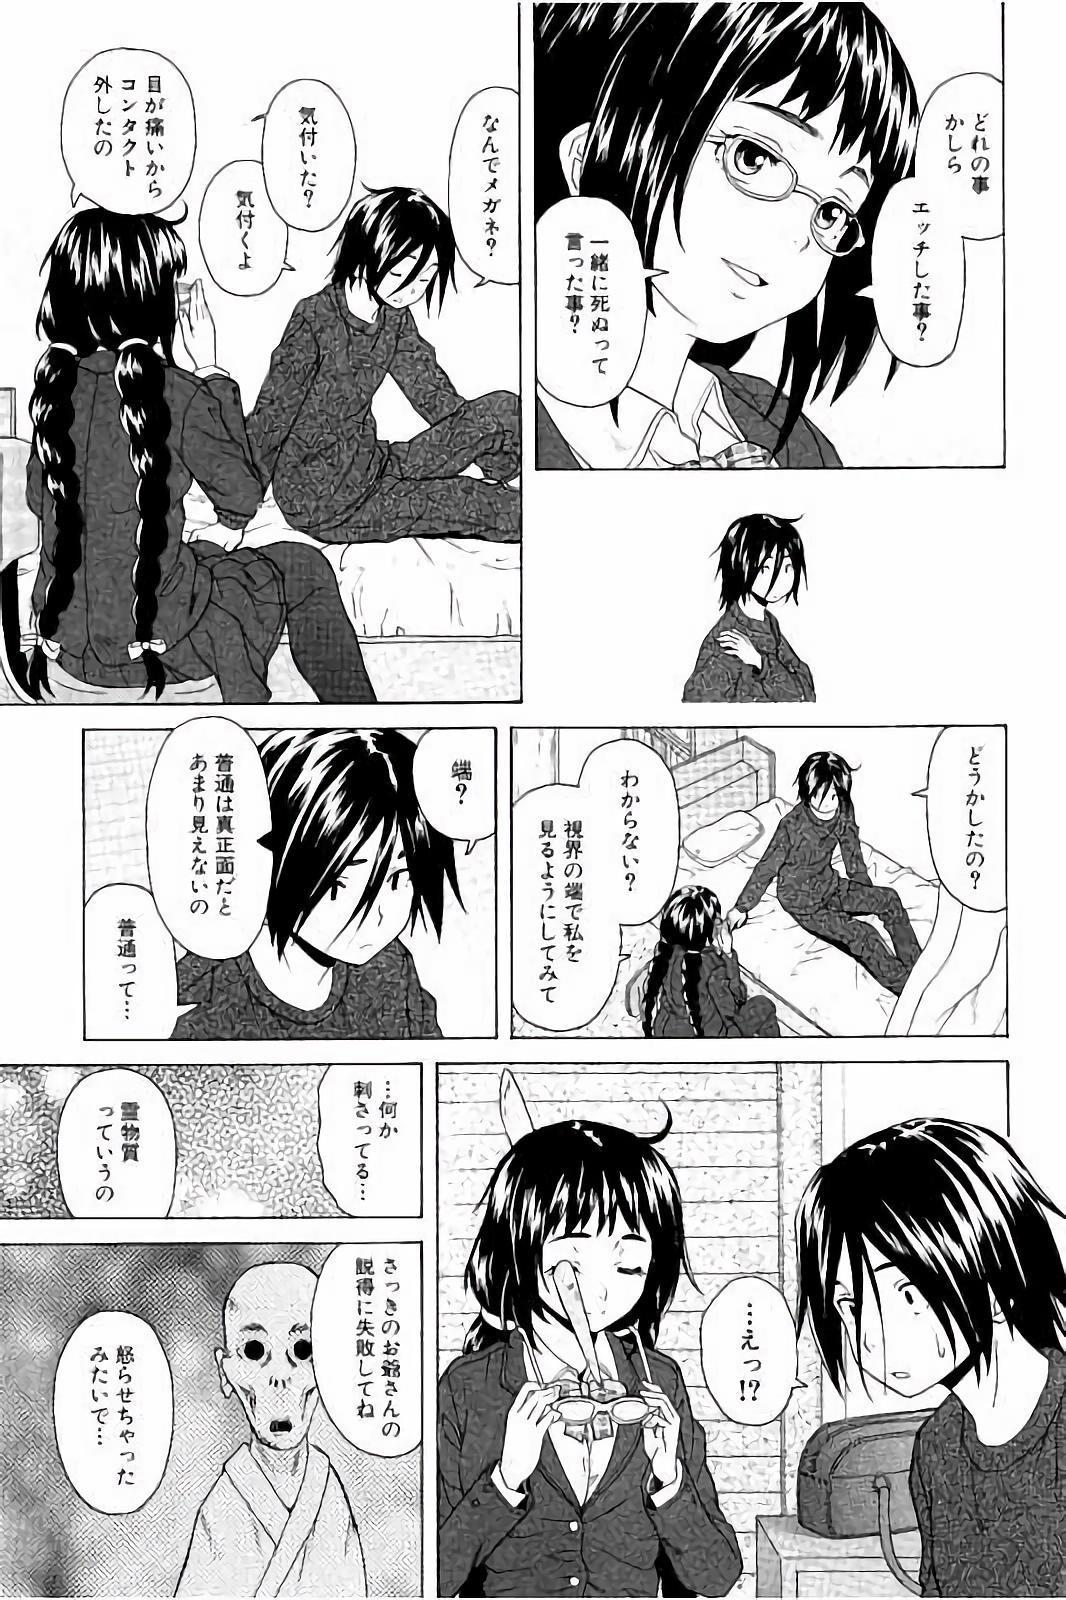 Ane no Himitsu To Boku no Jisatsu 38